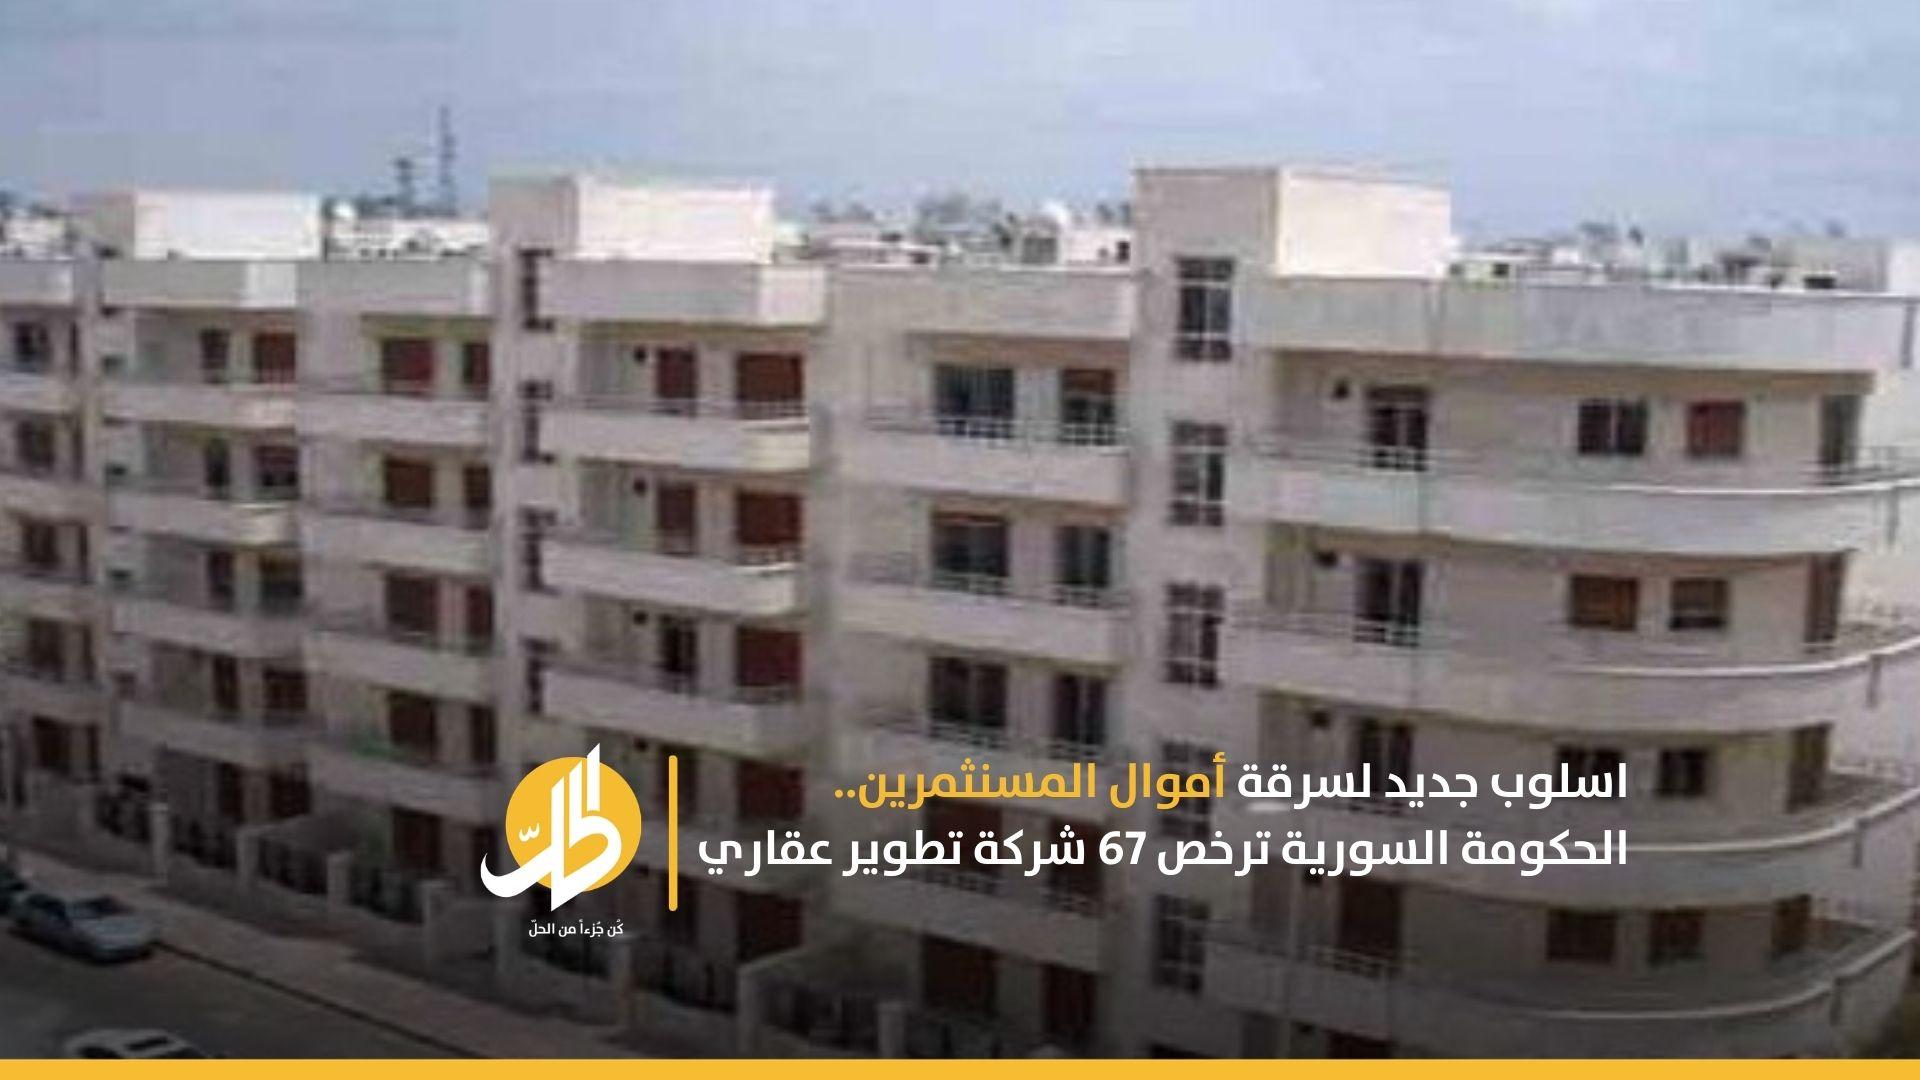 أسلوب جديد لسرقة أموال المستثمرين.. الحكومة السورية ترخص 67 شركة تطوير عقاري